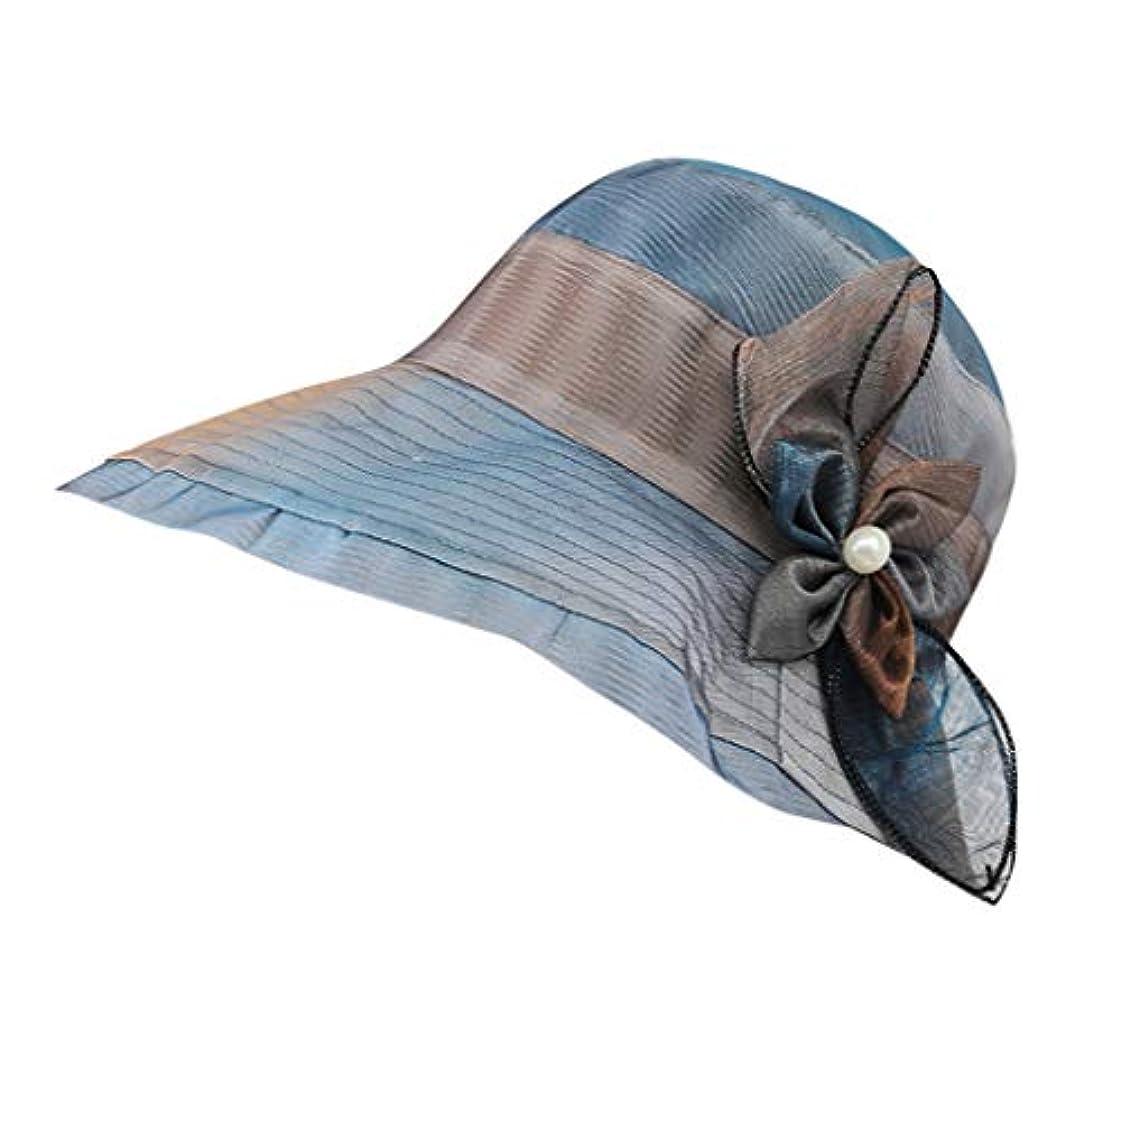 上回る悲しみ倍率ハット レディース UVカット 帽子 レディース 日よけ 帽子 レディース つば広 無地 洗える 紫外線対策 ハット カジュアル 旅行用 日よけ 夏季 女優帽 小顔効果抜群 可愛い 夏季 海 旅行 ROSE ROMAN